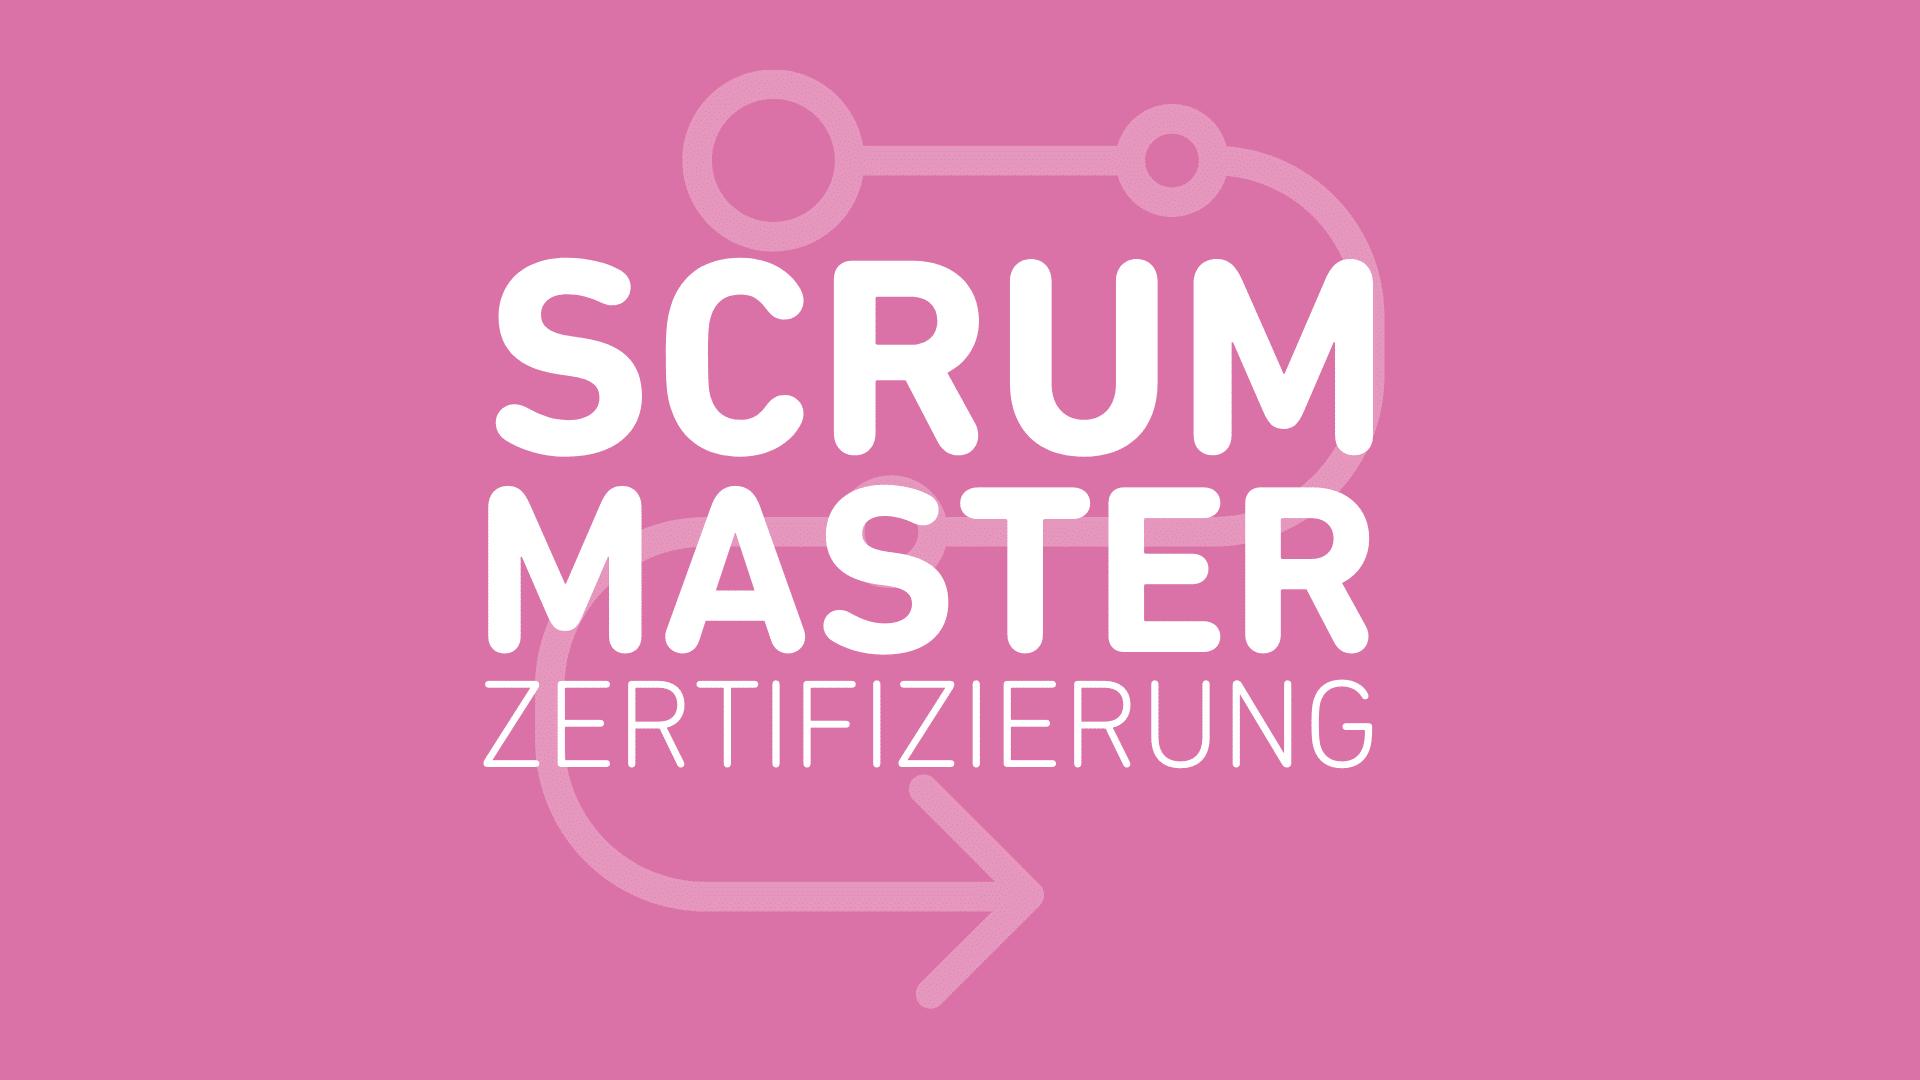 SCRUM-Master-zertifizierung